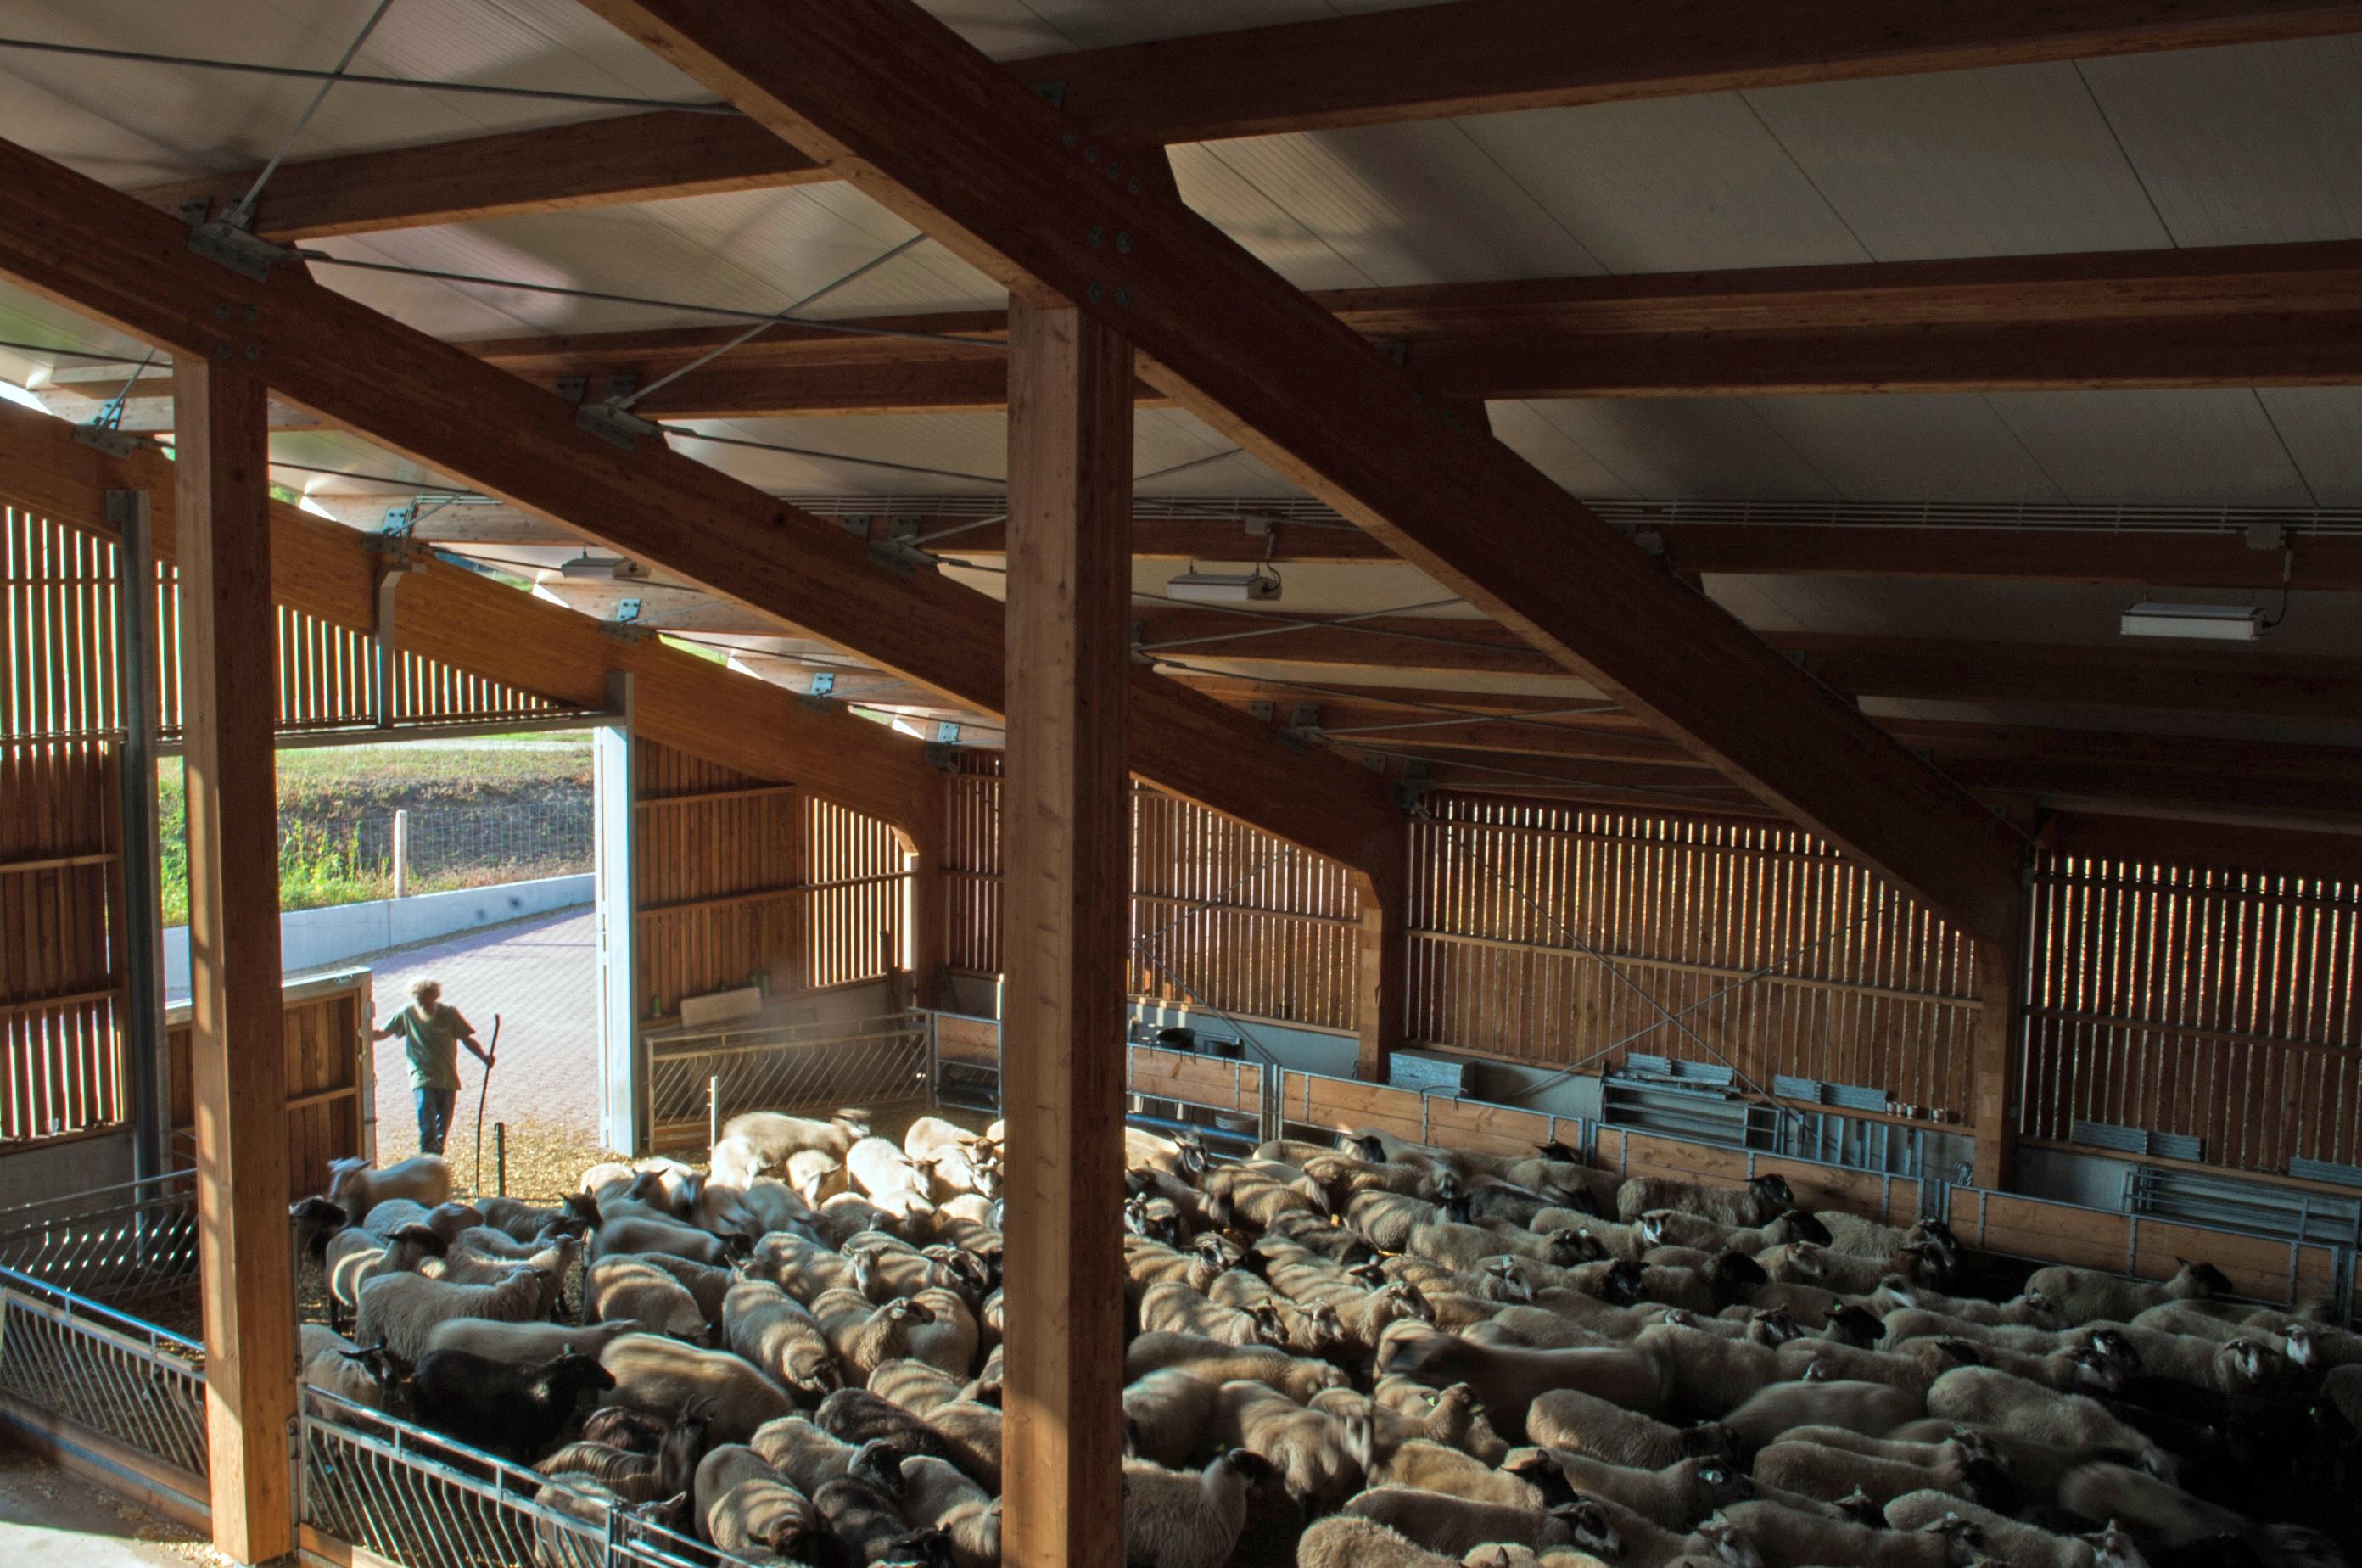 <p>De schapen overnachten in de kooi. De constructie van de schaapskooi bestaat volledig uit hout. De buitenmuren zijn open voor de ventilatie. Beeld: Jette Marie Versteegh</p>